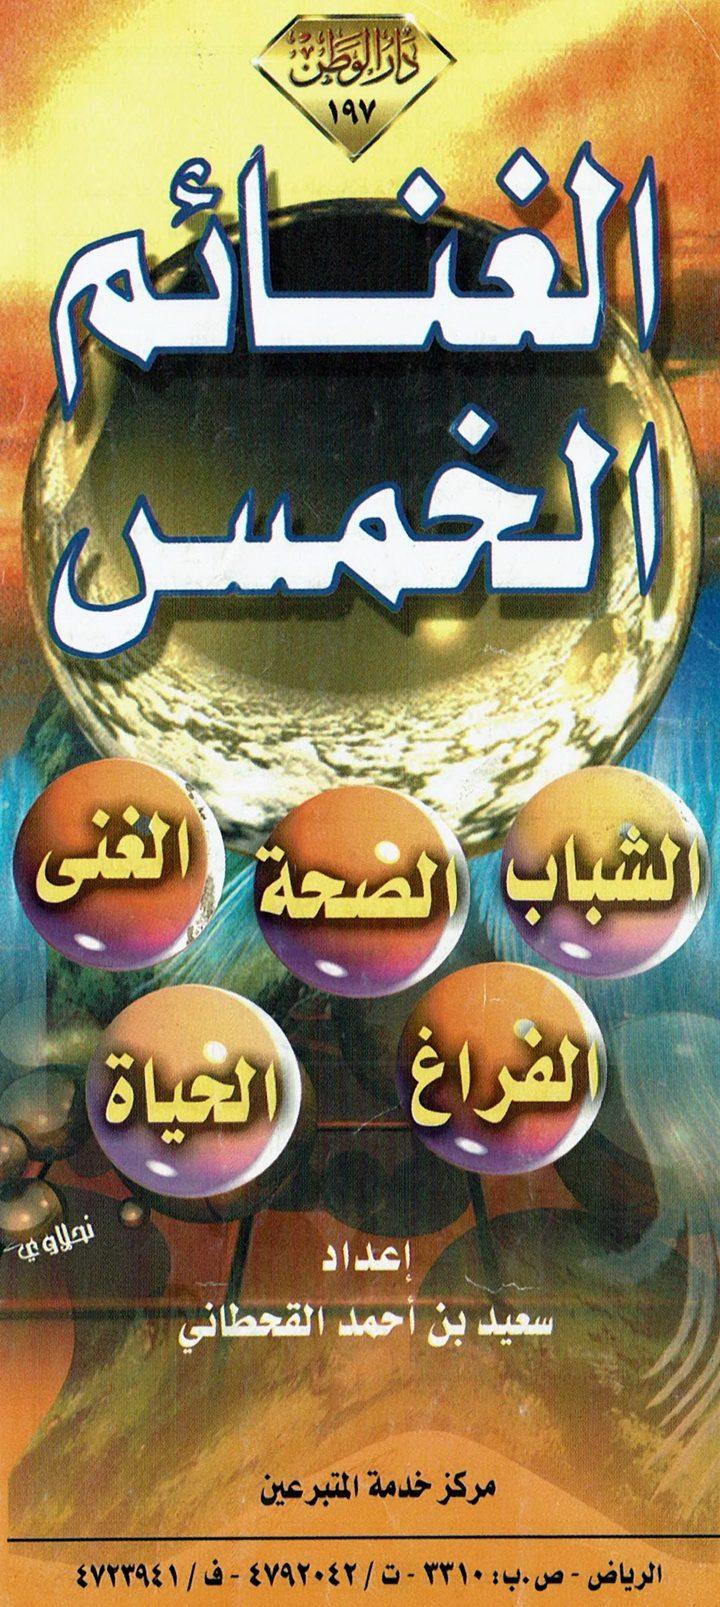 الغنائم الخمس : الشباب، الصحة، الغنى، الفراغ، الحياة (سعيد بن أحمد القحطاني – دار الوطن )